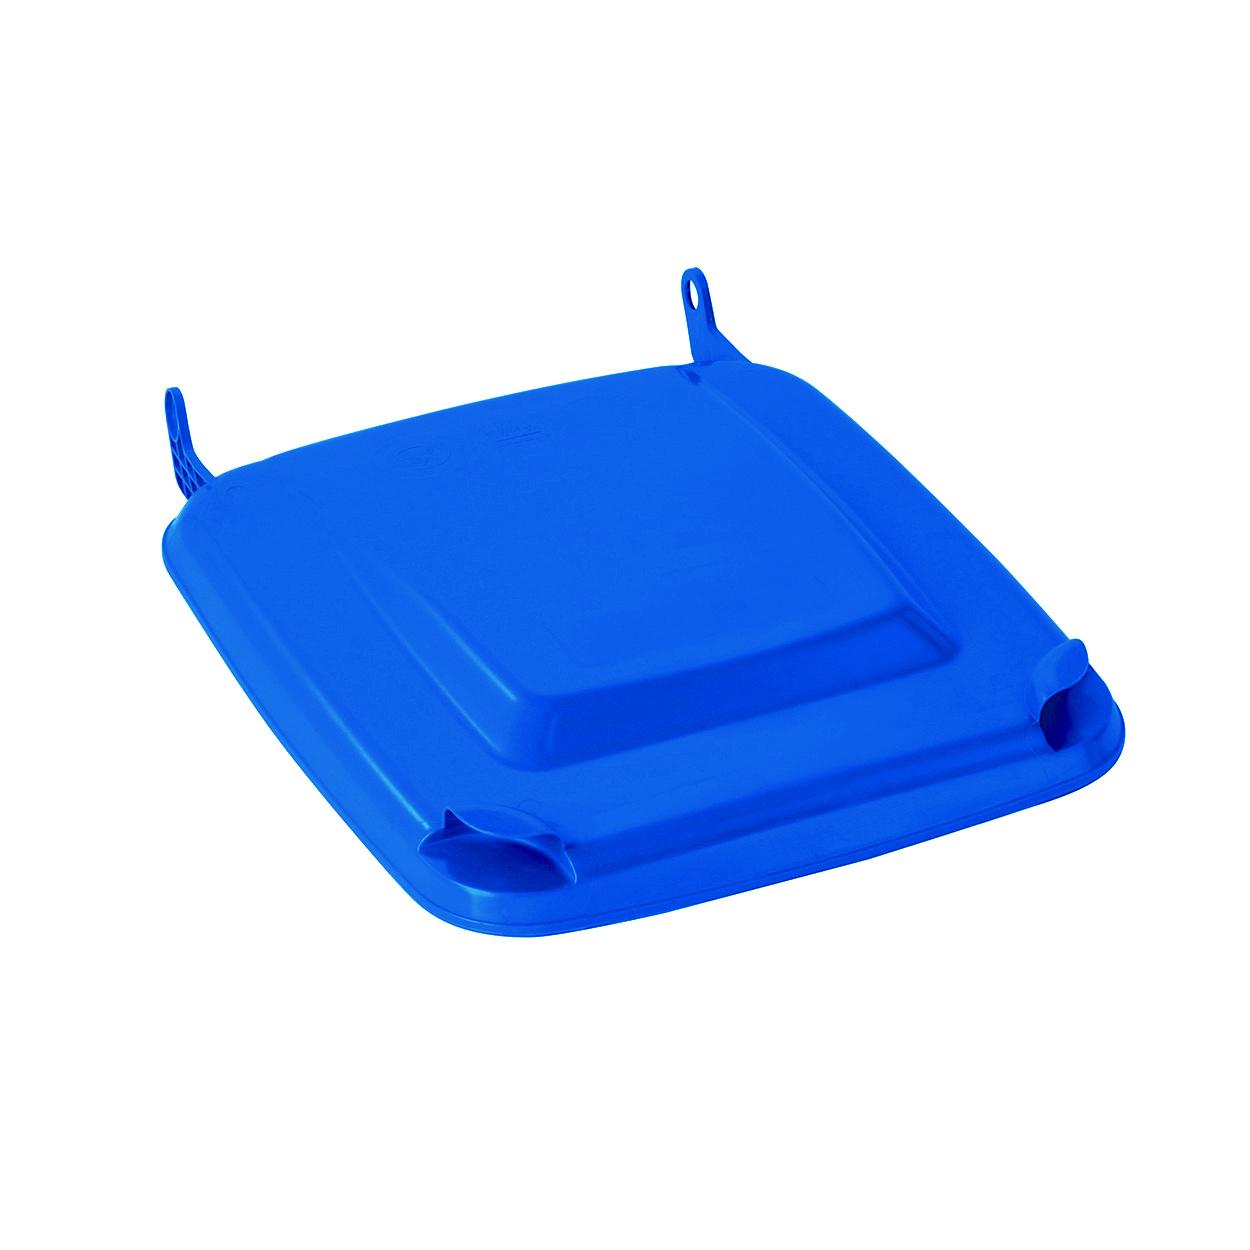 Veko k plastovej nádobe 240l, modré